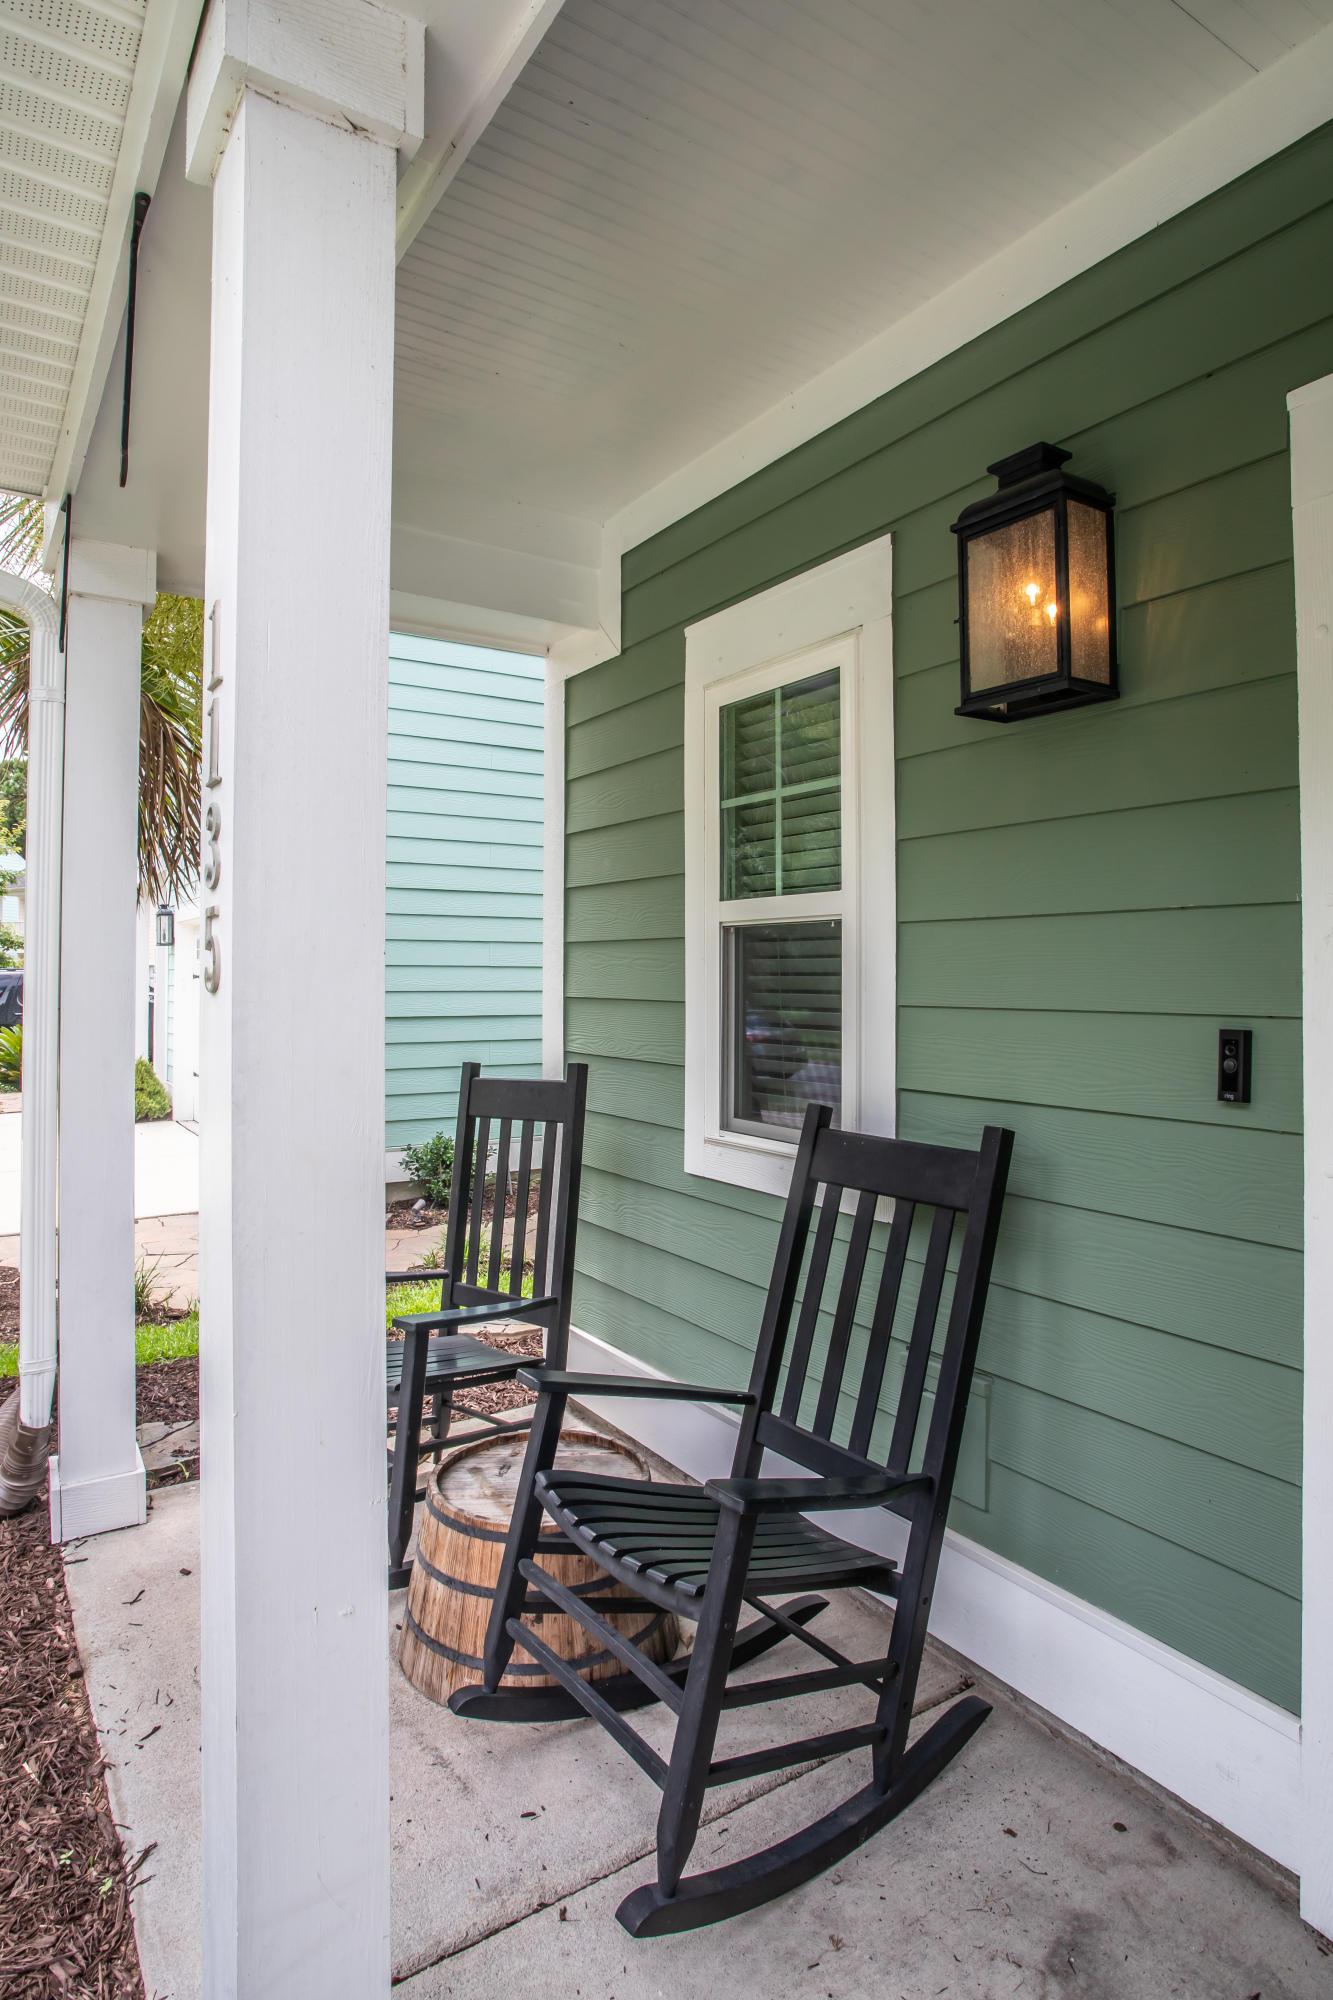 Pemberton Farms Homes For Sale - 1135 Pemberton Farms, Charleston, SC - 17